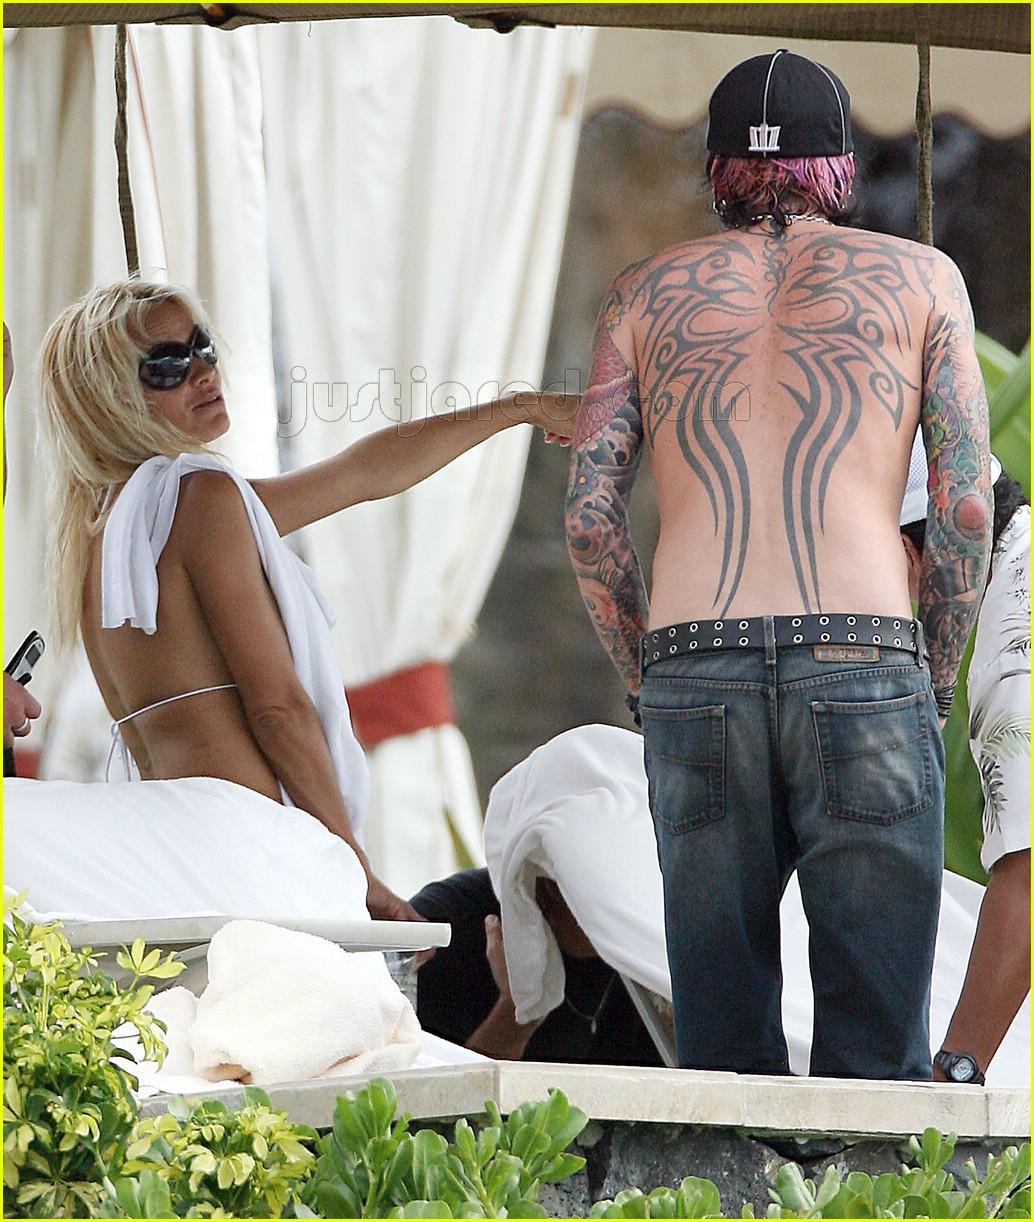 Pamela anderson tommy lee wedding bands - Pamela Anderson No Make Up Photo 106561 Bikini Pamela Anderson Shirtless Tommy Lee Pictures Just Jared